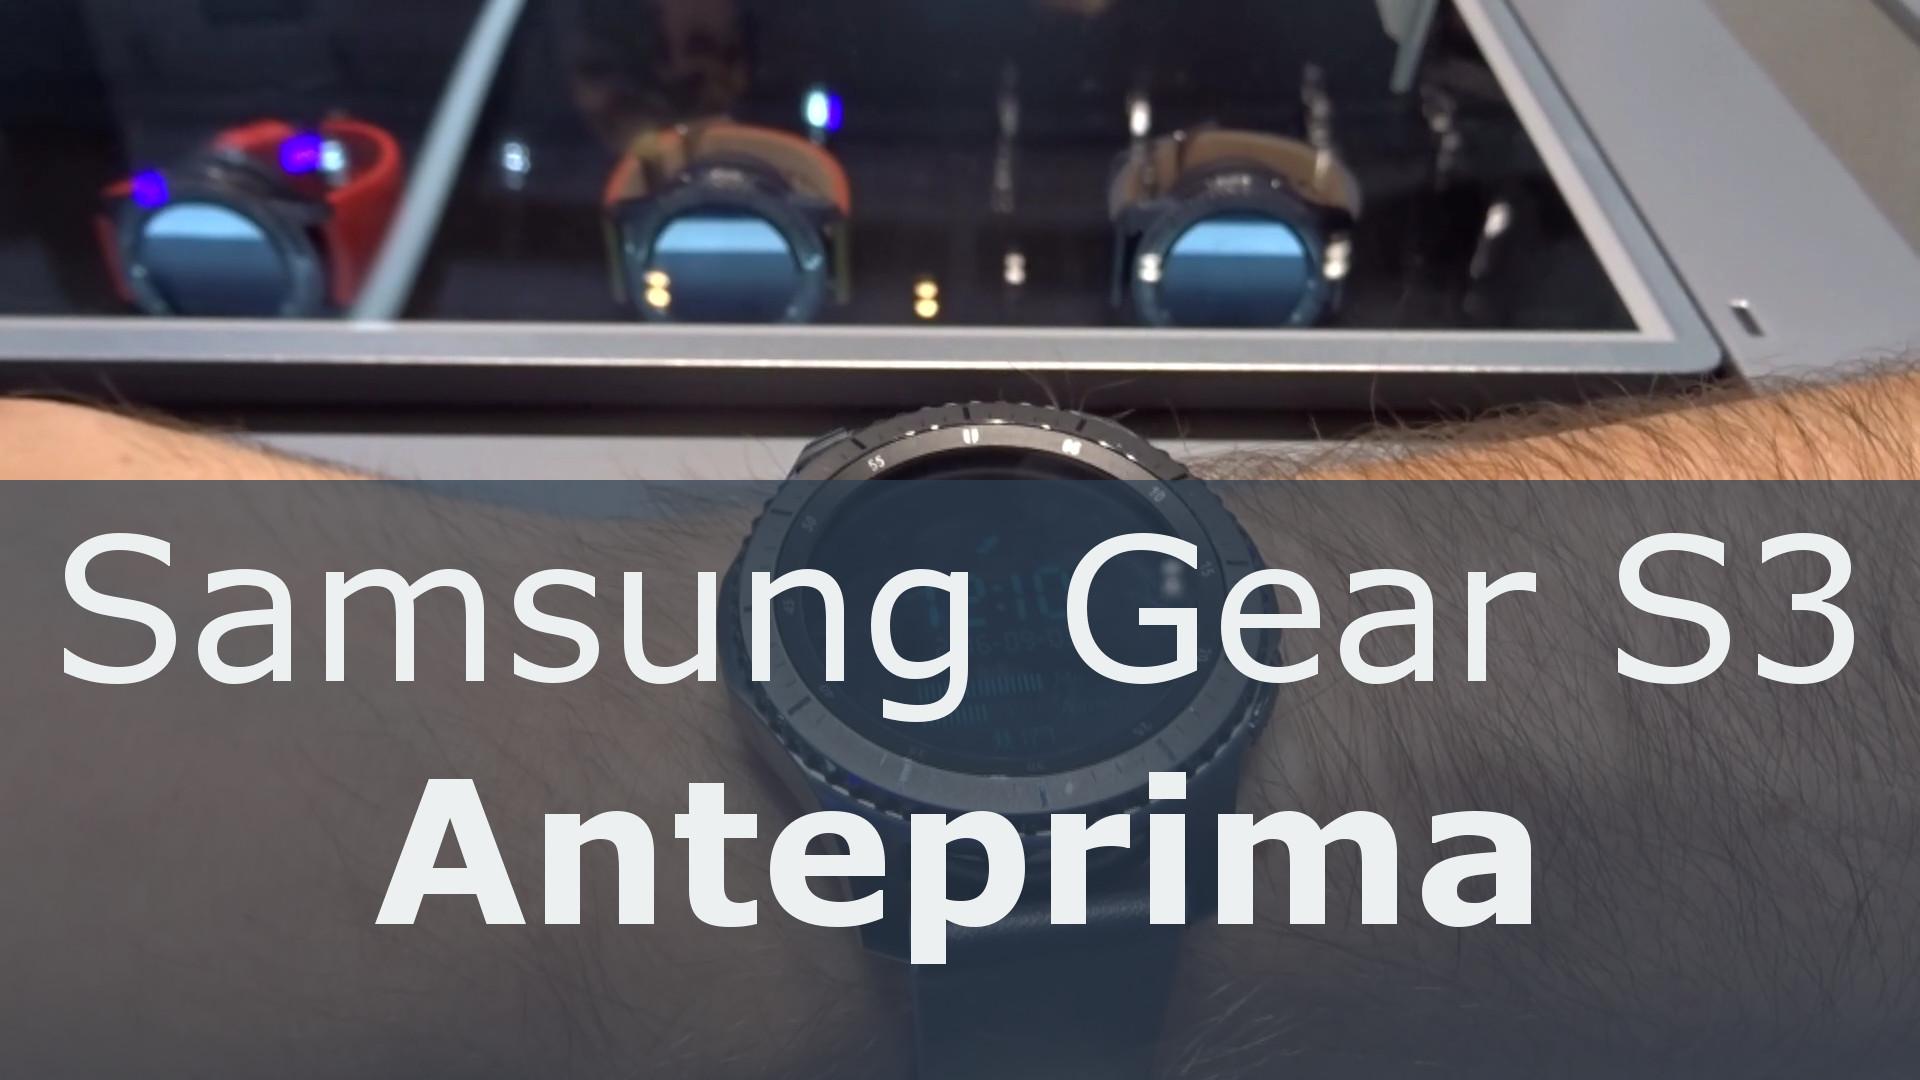 Samsung Gear S3 - Anteprima da IFA 2016